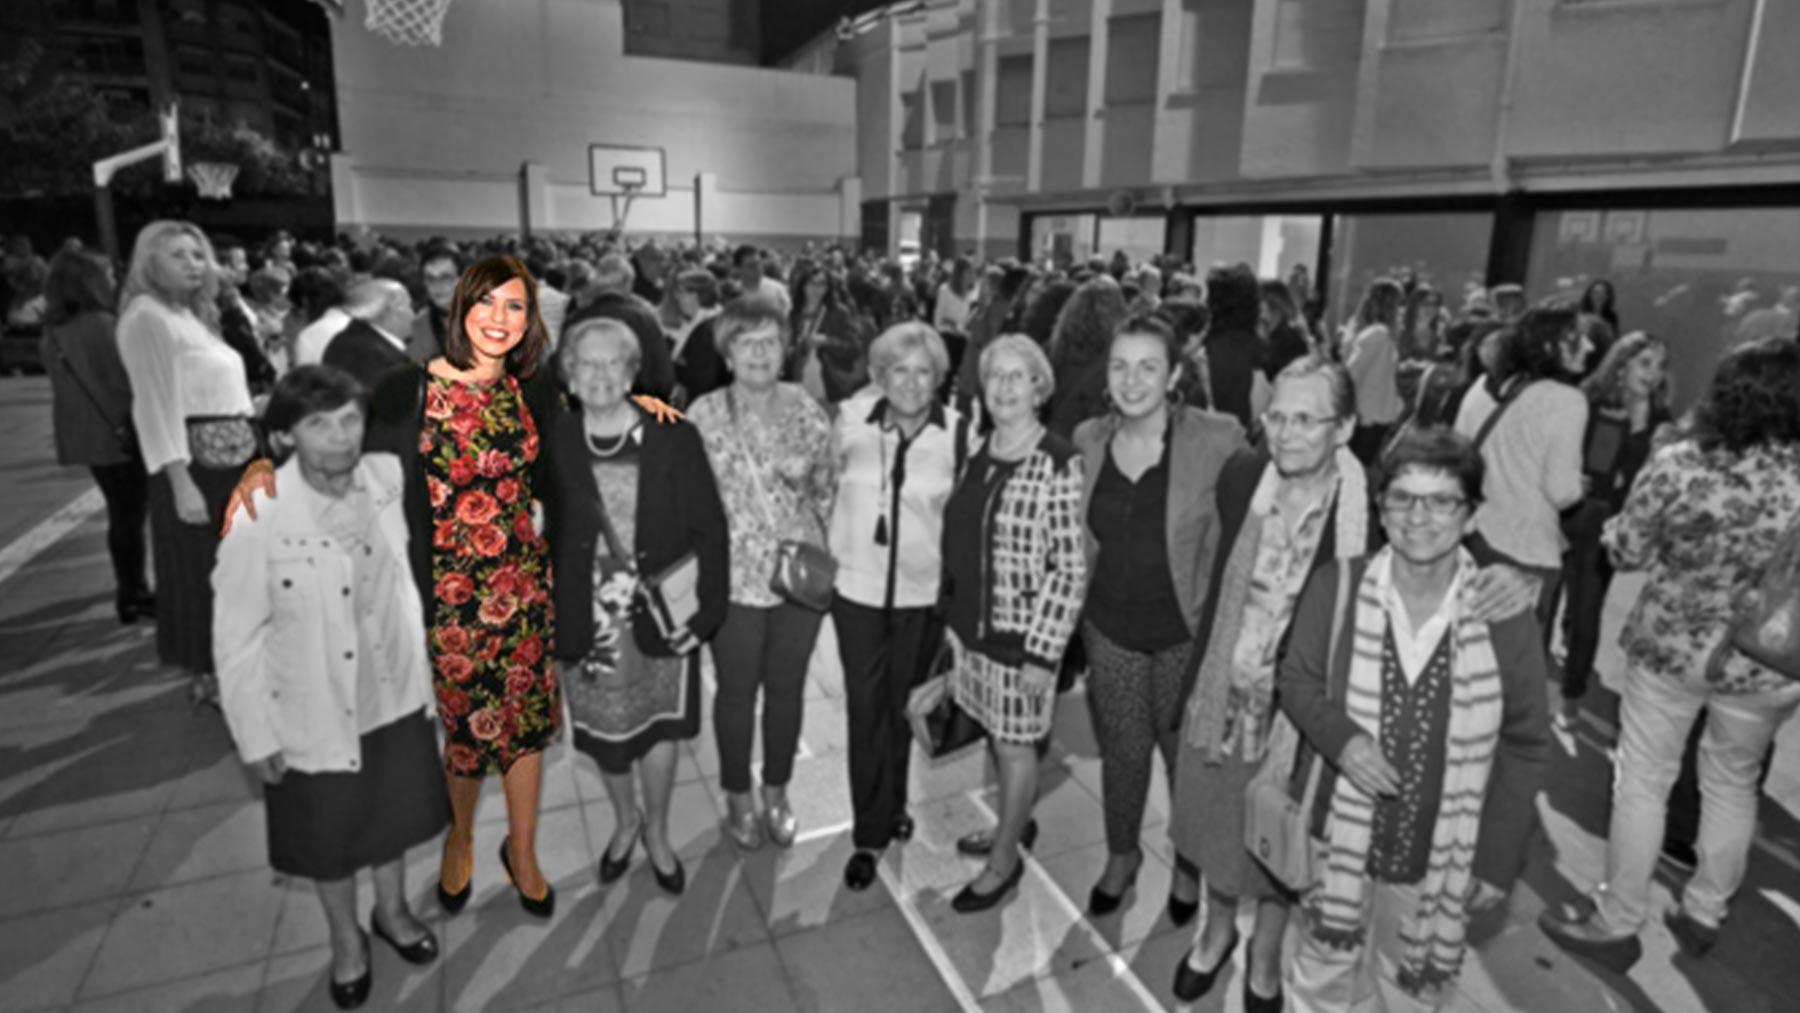 La ministra Diana Morant en su antiguo colegio.